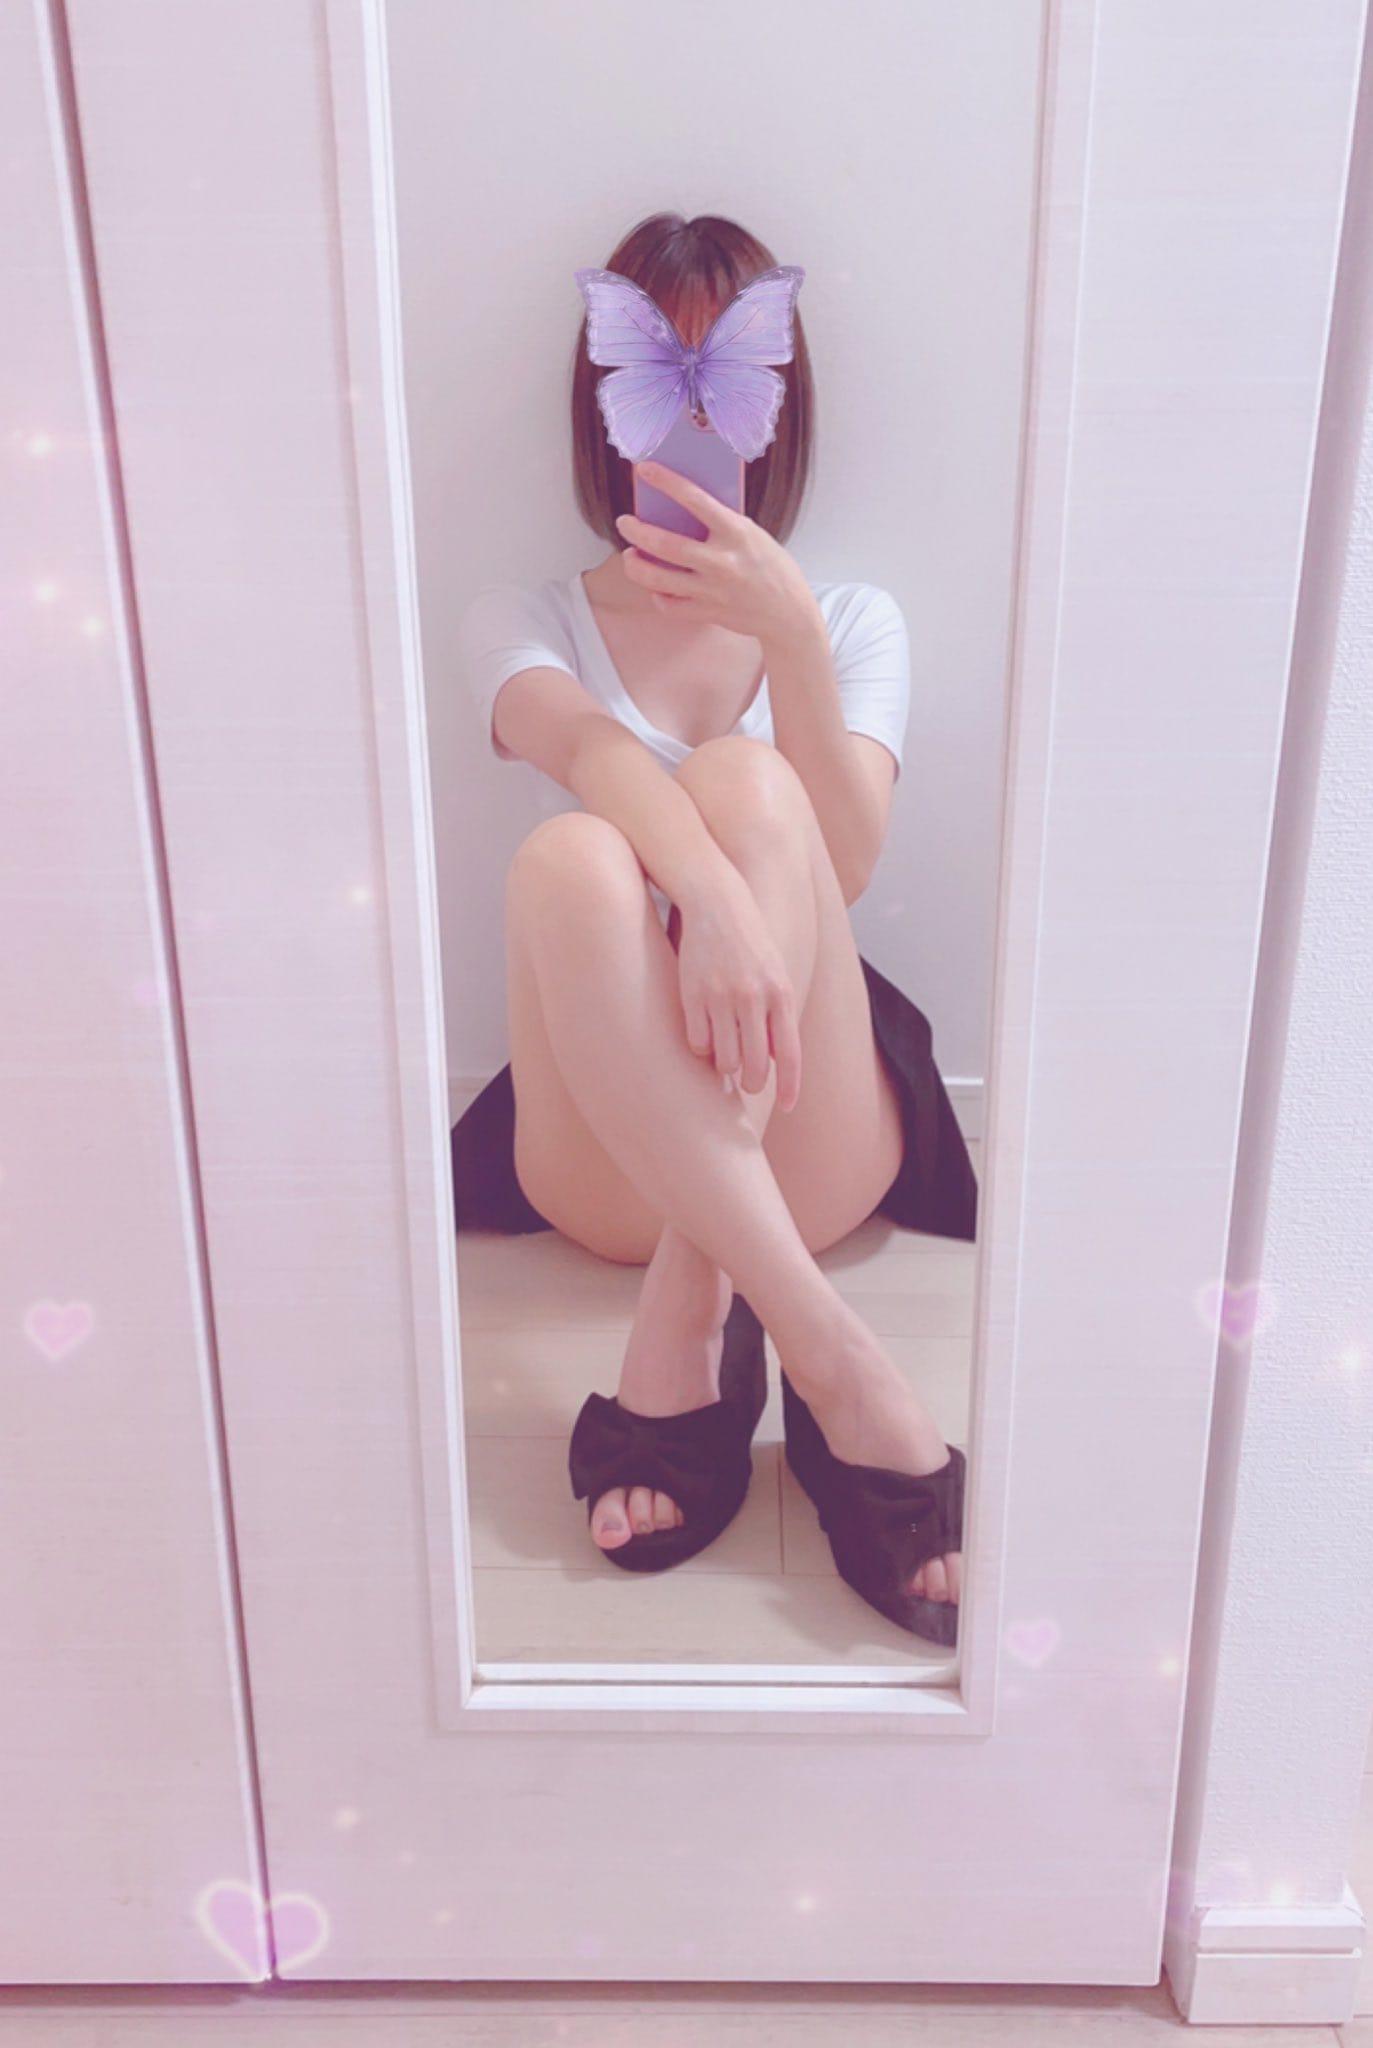 「出勤しました!」06/17(木) 18:51   藤宮 そらの写メ日記